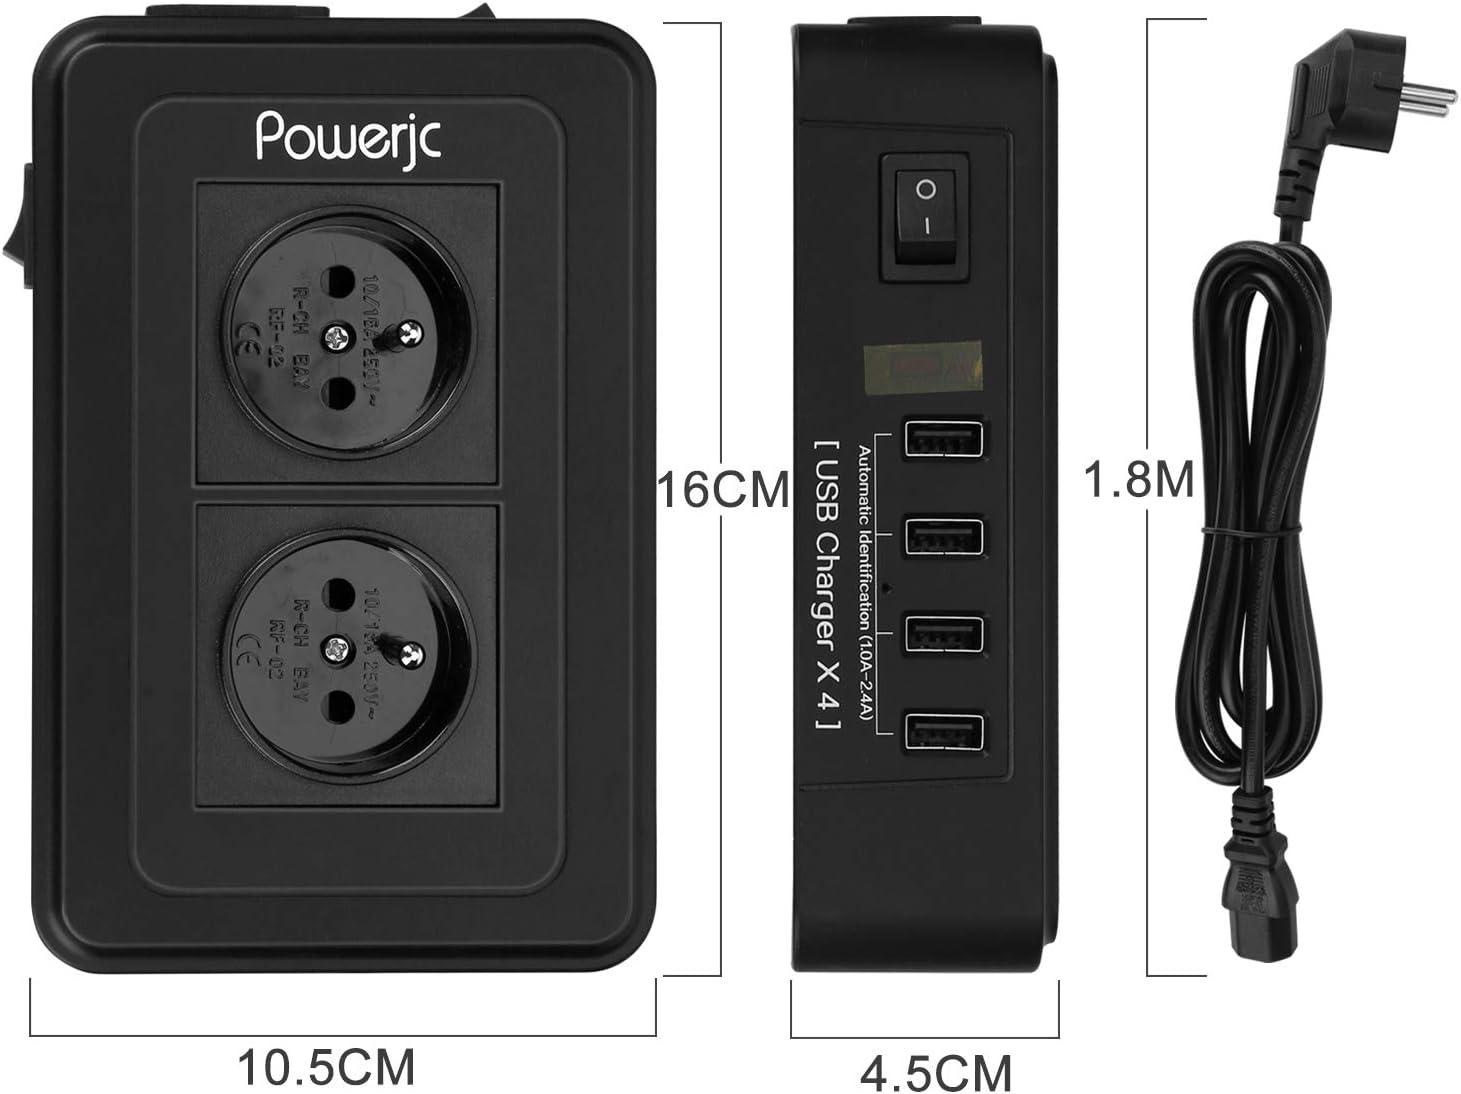 5V,2.1A ,et 3 Universel Prise Multiprise Parasurtenseur Parafoudre,Bloc Multiprise avec 3 Prises Electrique et 4 Ports USB UK//US//AU ,Interrupteur,Adaptateur Douille,Cordon de 2m